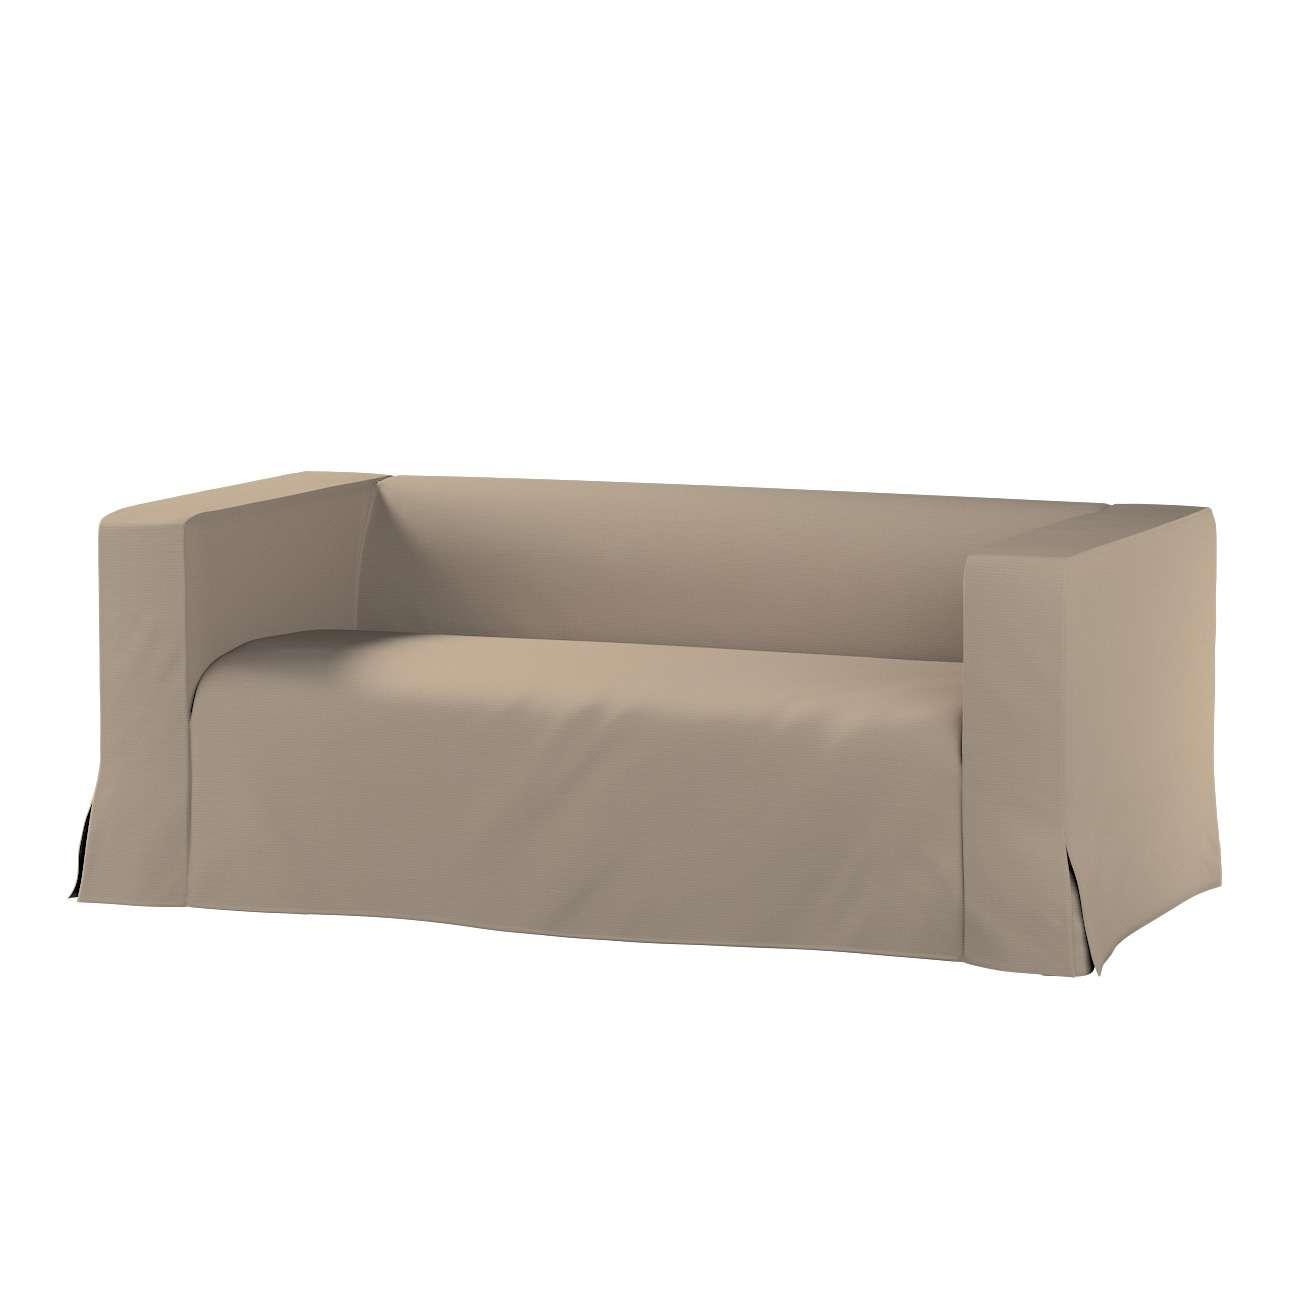 Pokrowiec na sofę Klippan 2-osobową długi z kontrafałdami Klippan 2-os w kolekcji Cotton Panama, tkanina: 702-28